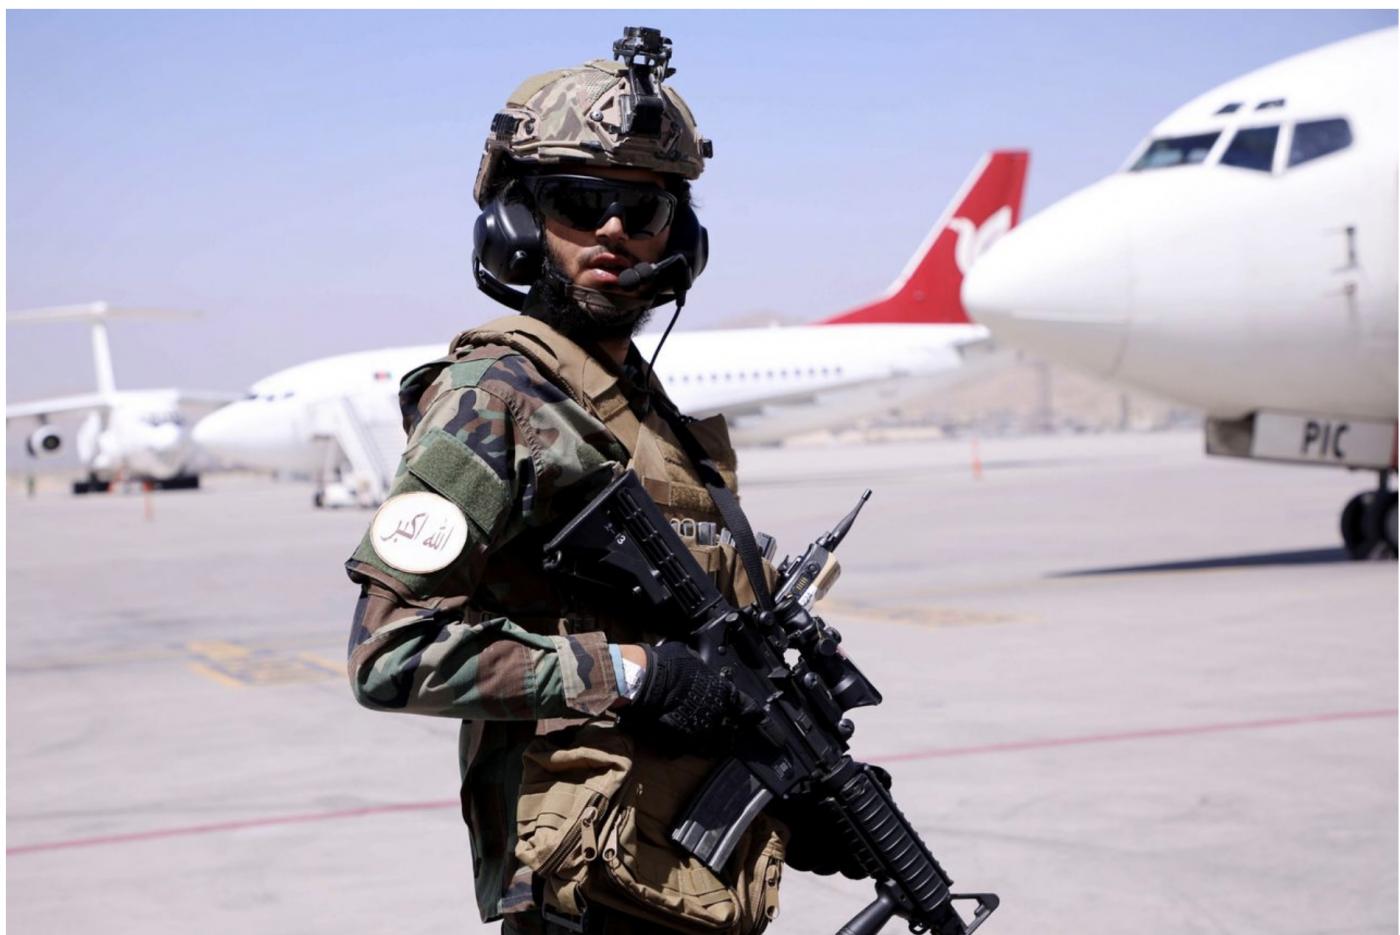 这张照片让我以为他是一个美国大兵_图1-1